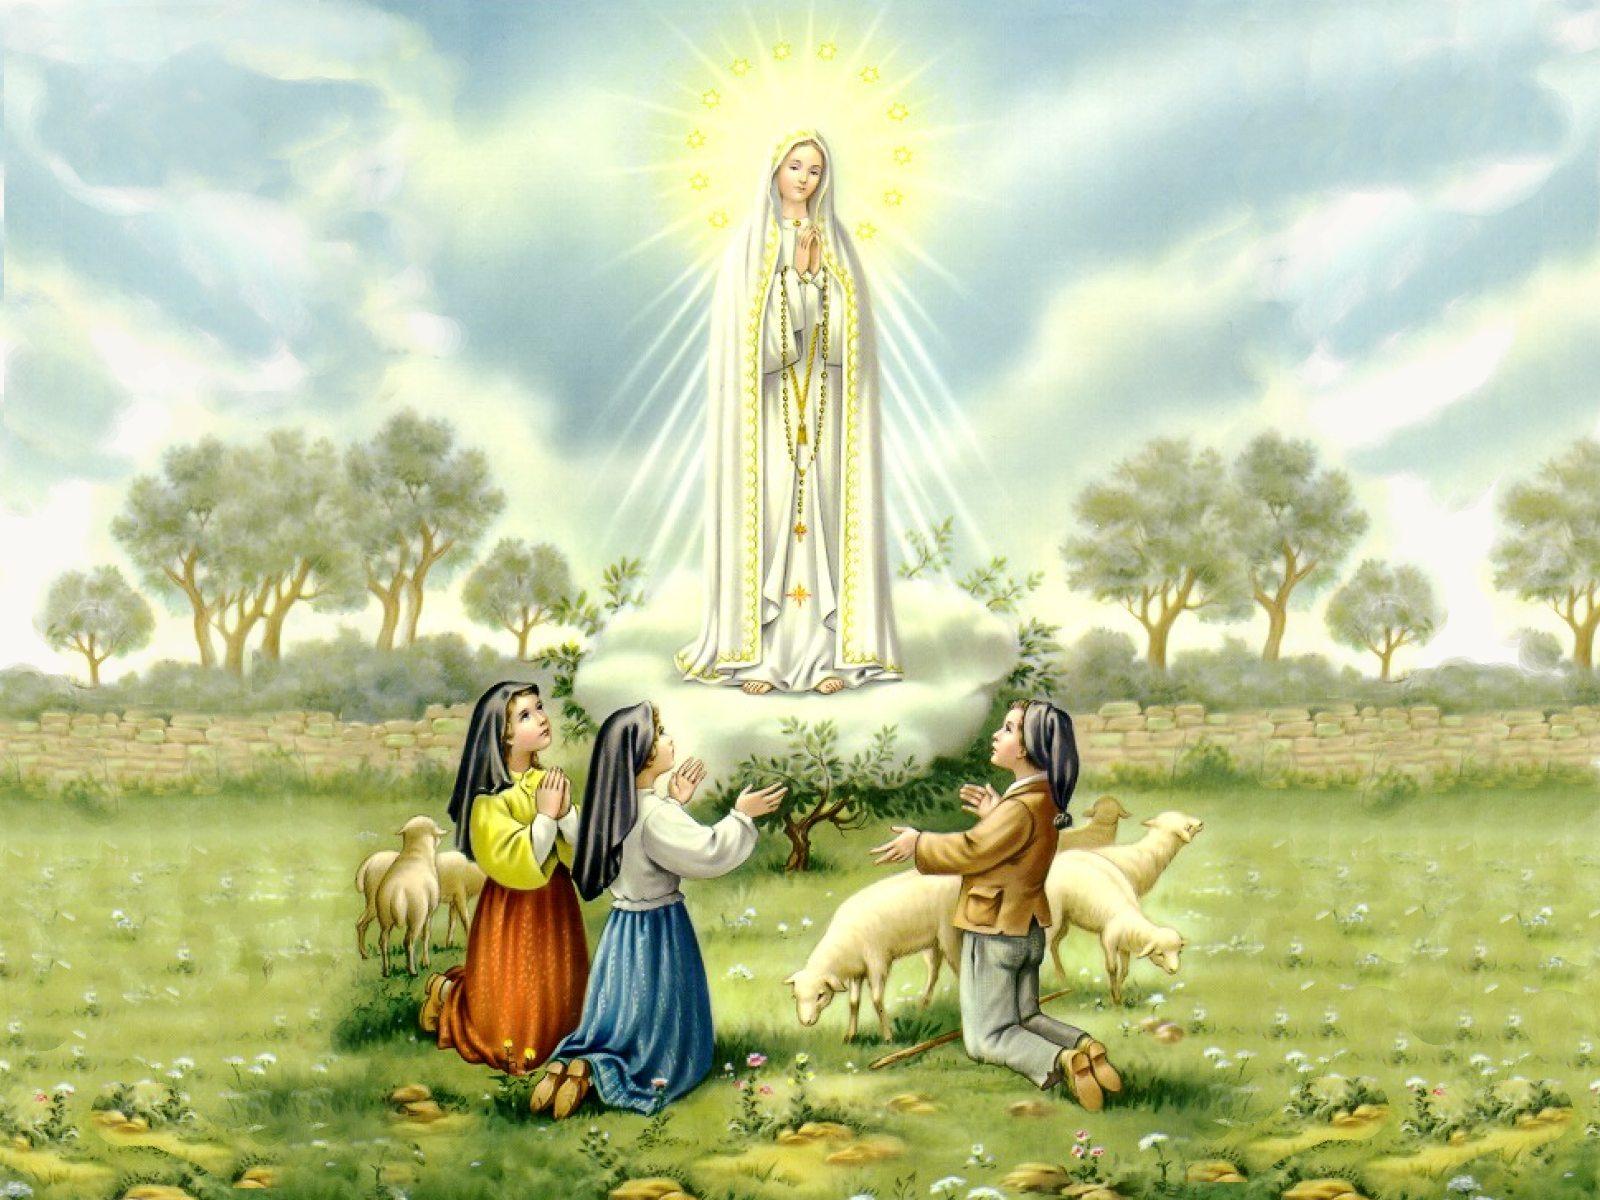 Lễ Mừng Kính Đức Mẹ Mân Côi (07/10) TRÀNG HẠT LÀ MÁY THỞ CỦA SỰ SỐNG  .